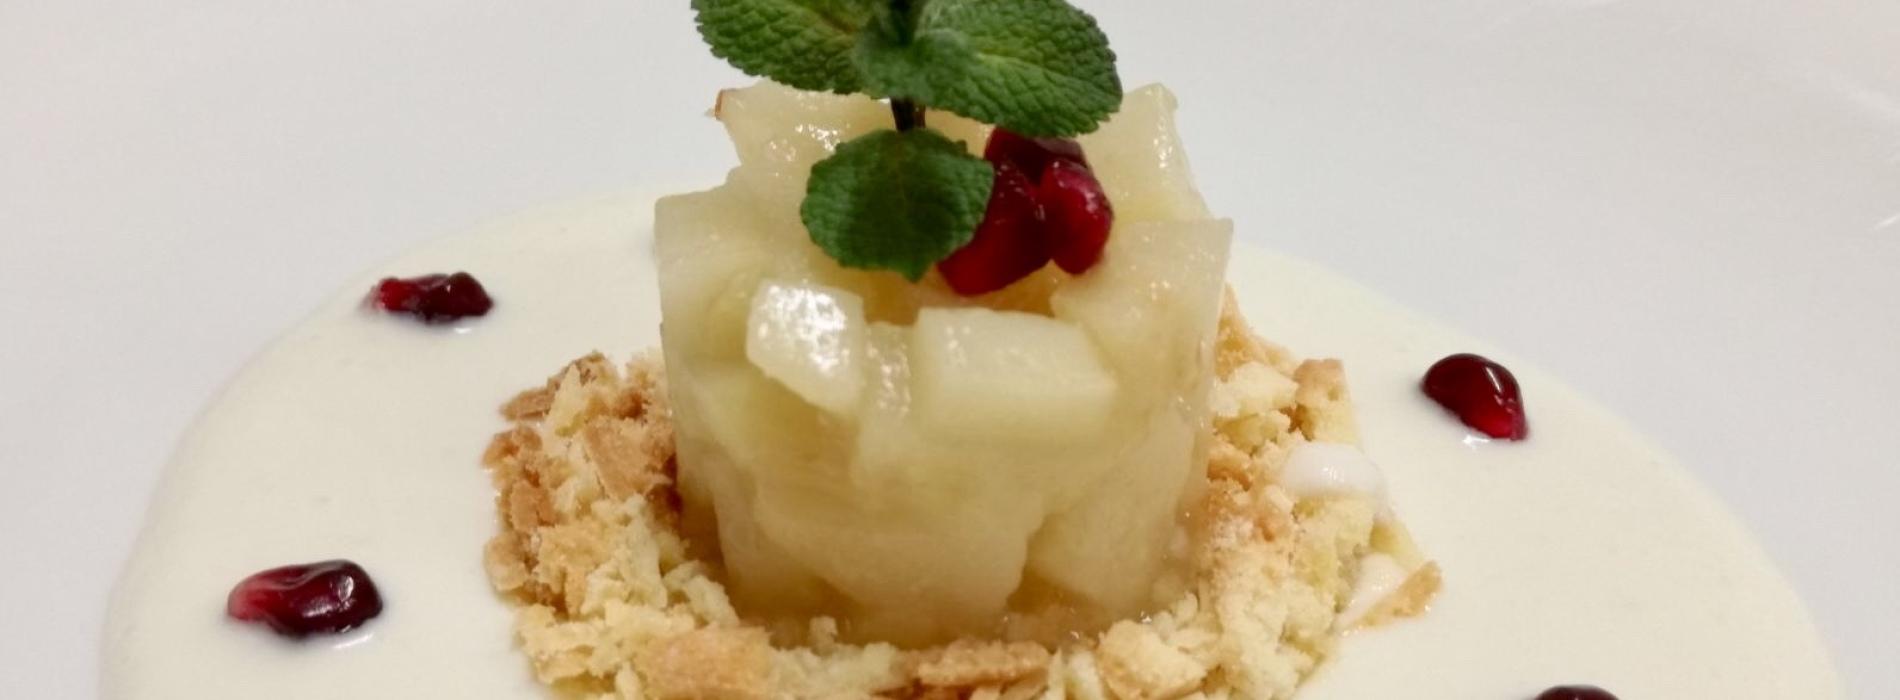 Bocconi, 8 marzo da Pane e Acqua crostata di pera scomposta